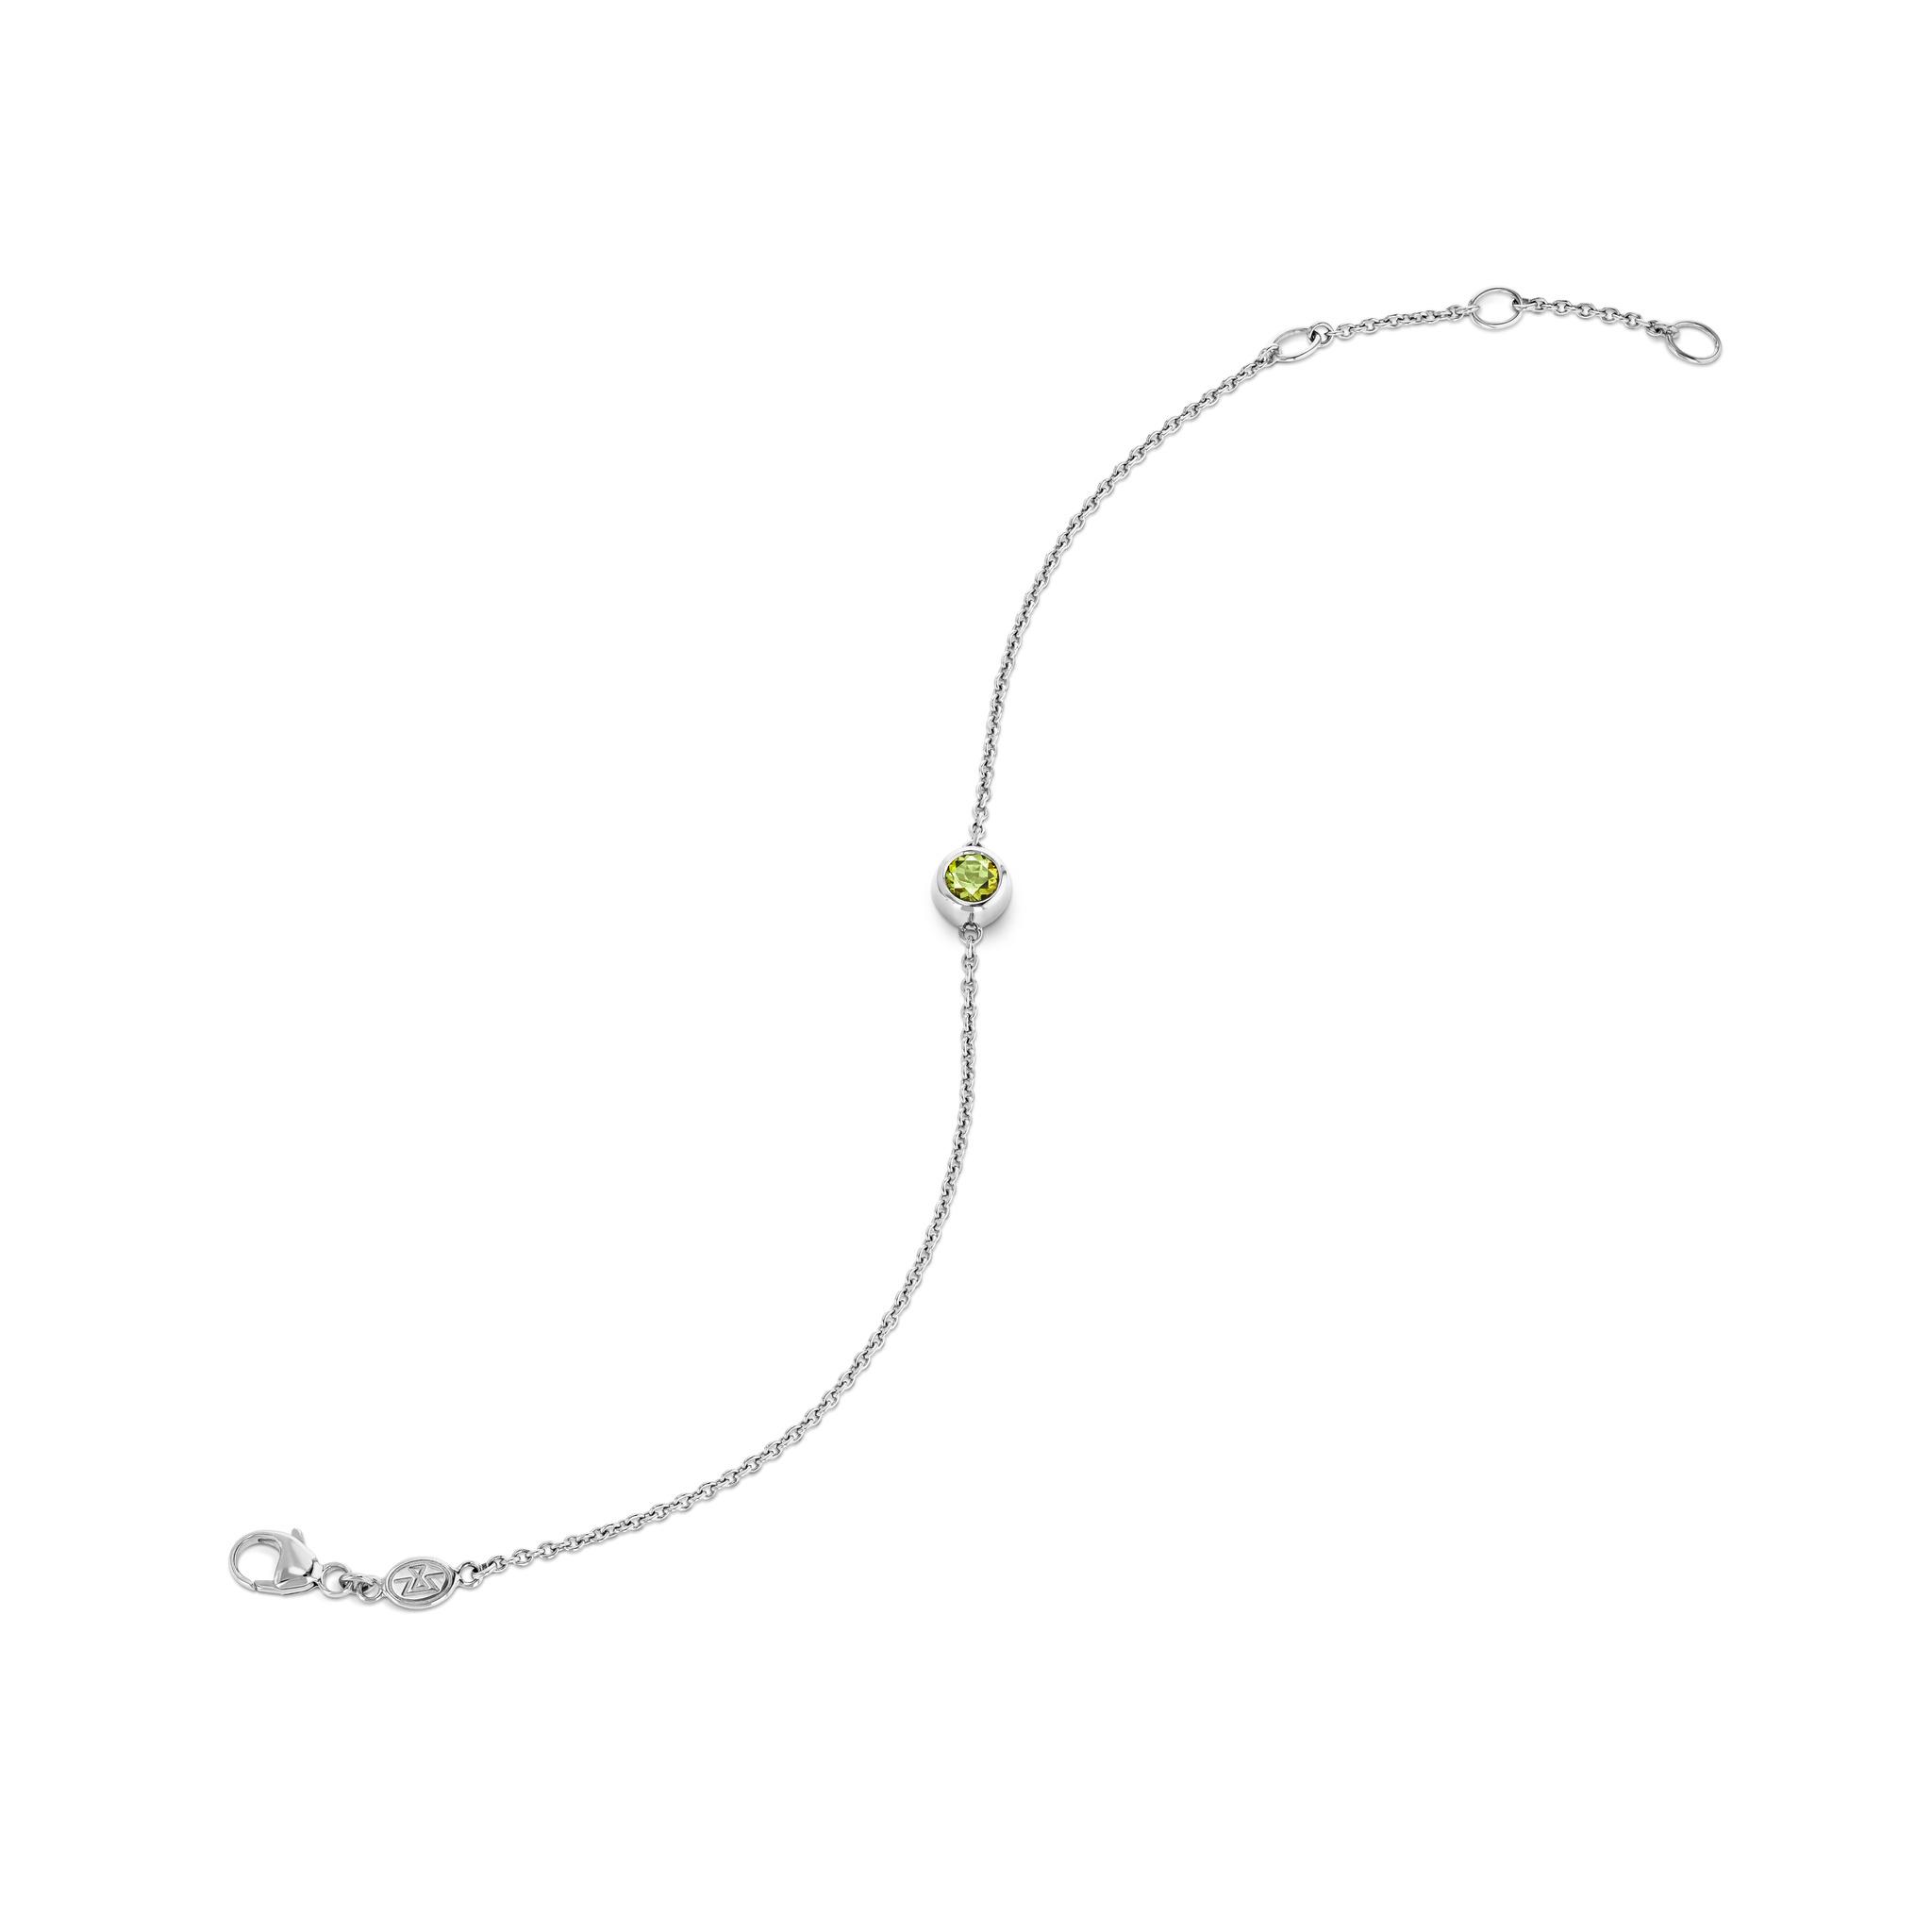 Bracelet with tourmaline